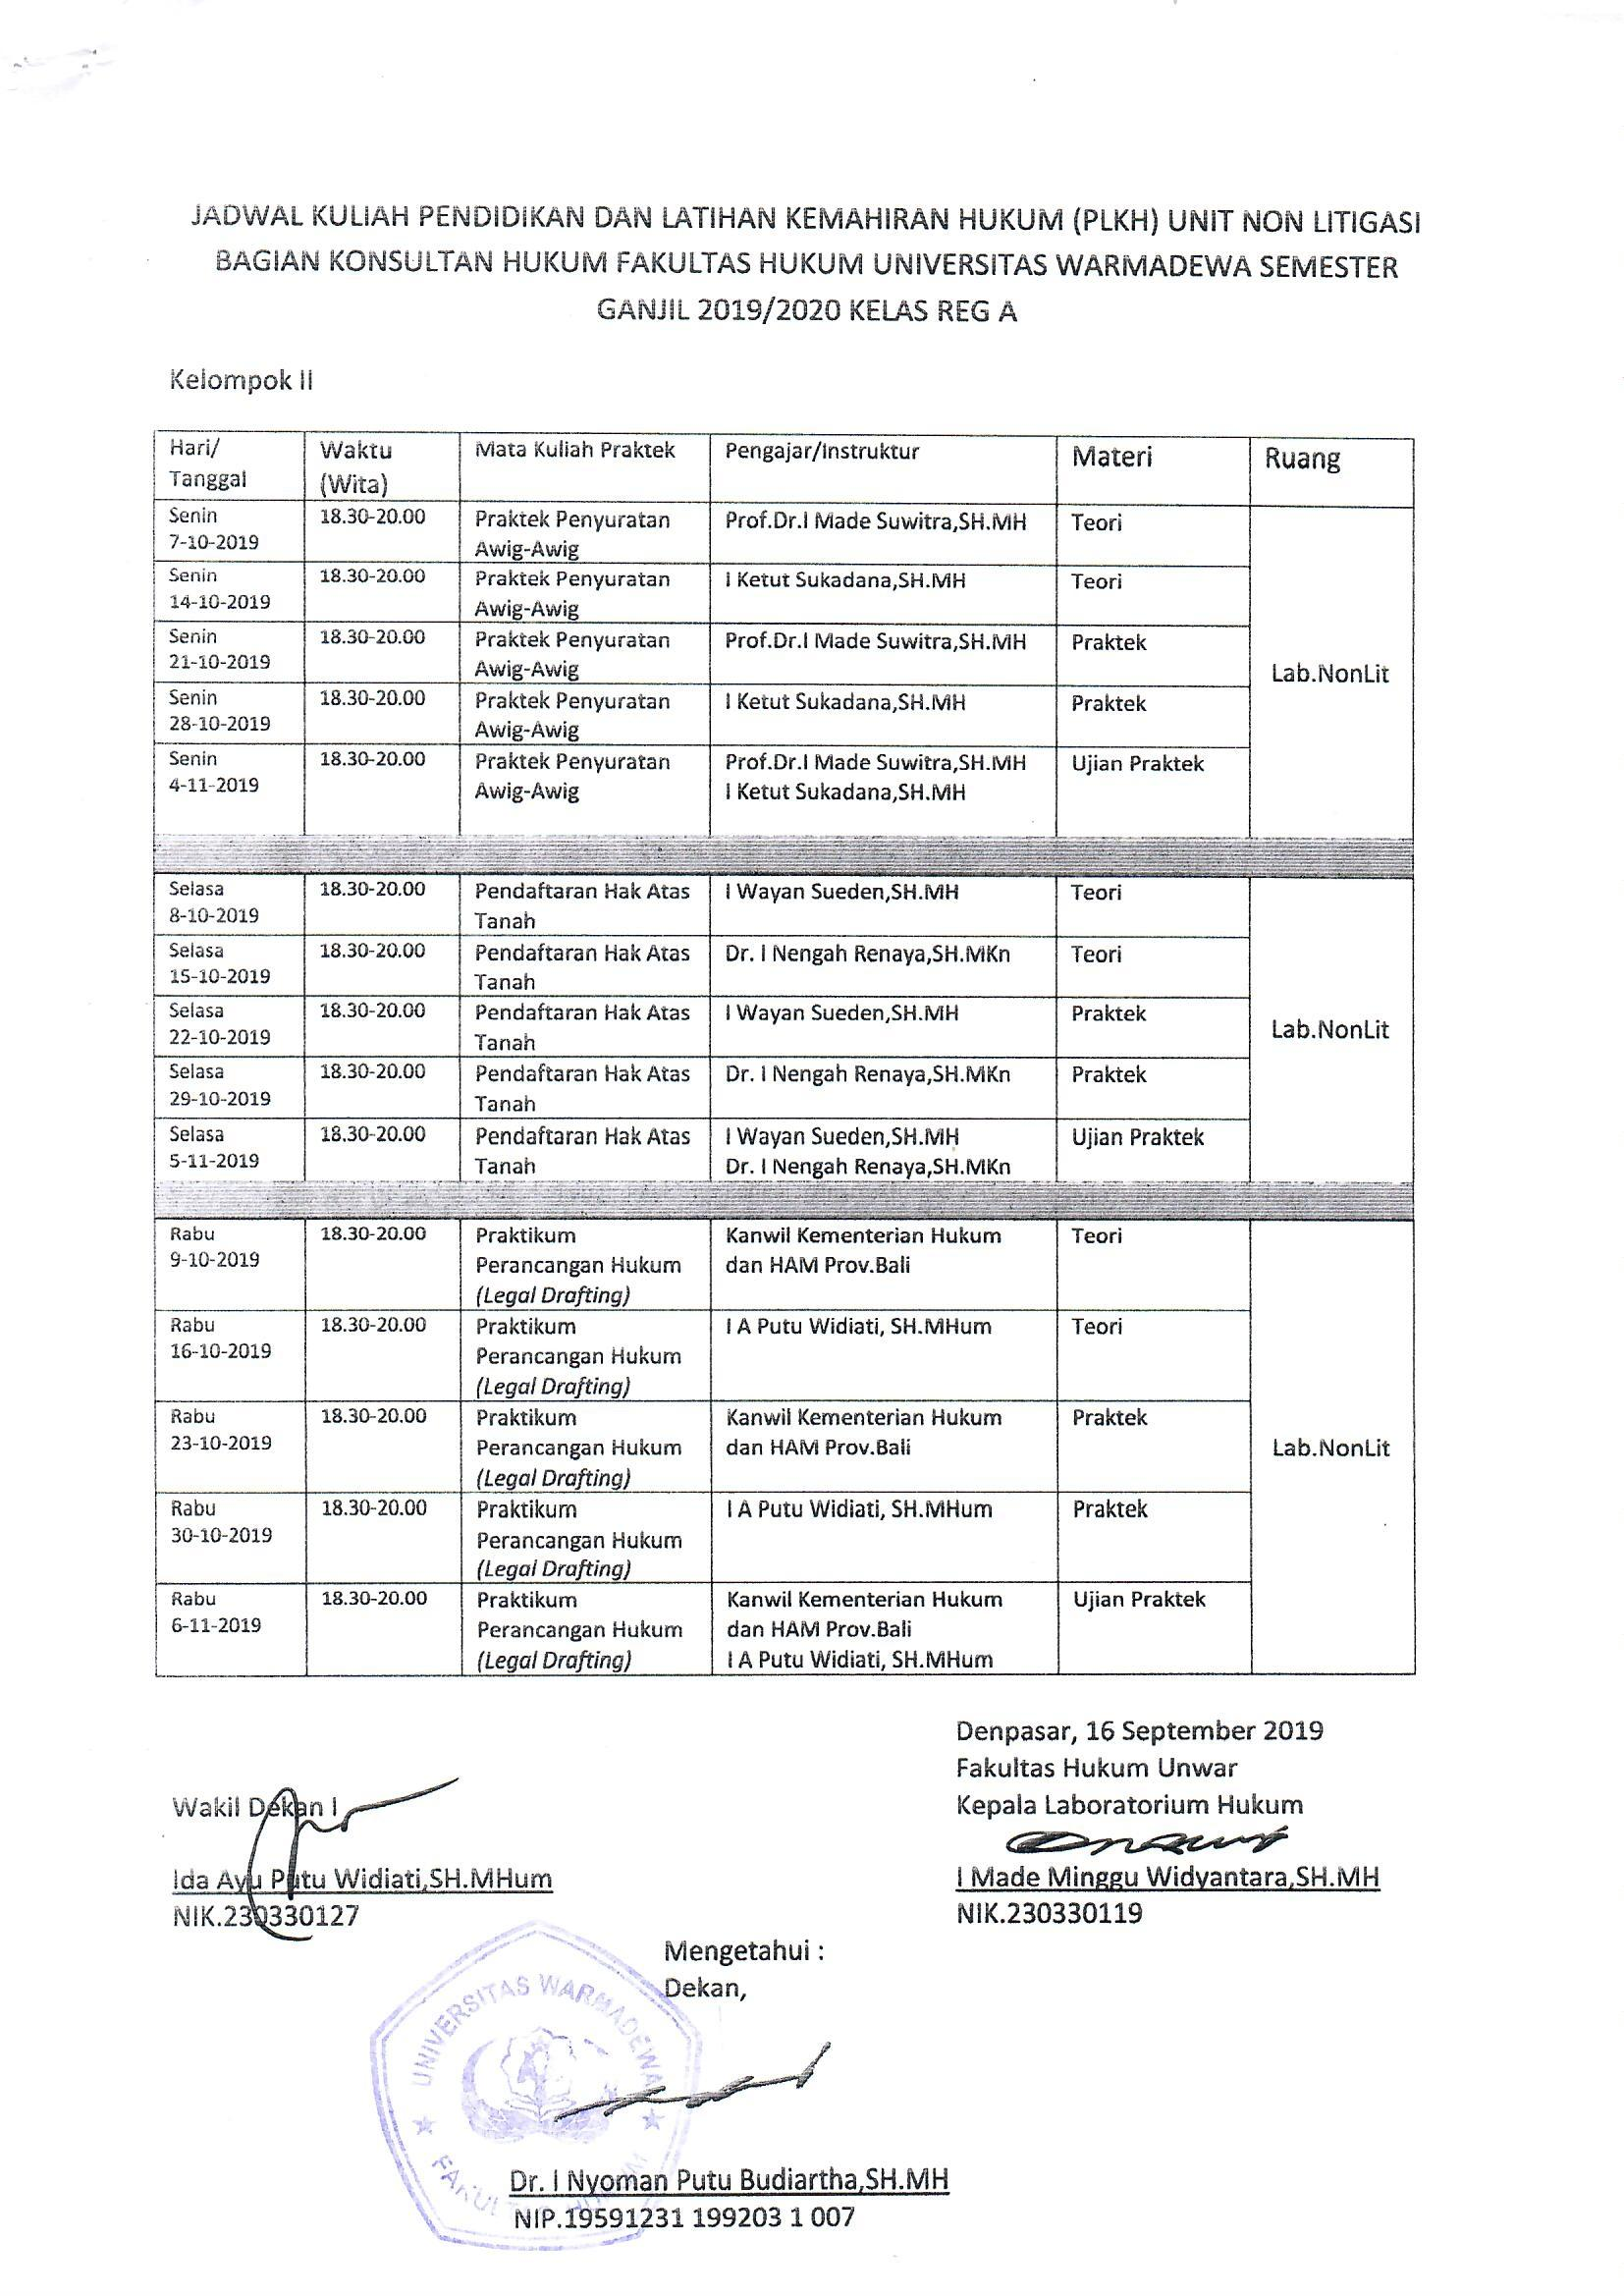 Jadwal Kuliah (PLKH) Bisnis Fakultas Hukum Universitas Warmadewa Kuliah Pendidikan dan Latihan Kemahiran Hukum (PLKH) Unit Non Litigasi Bagian Konsultas Hukum Fakultas Hukum Universitas Warmadewa Semester Ganjil 2019/2020 Kelas Reg A (Kelompok 2)